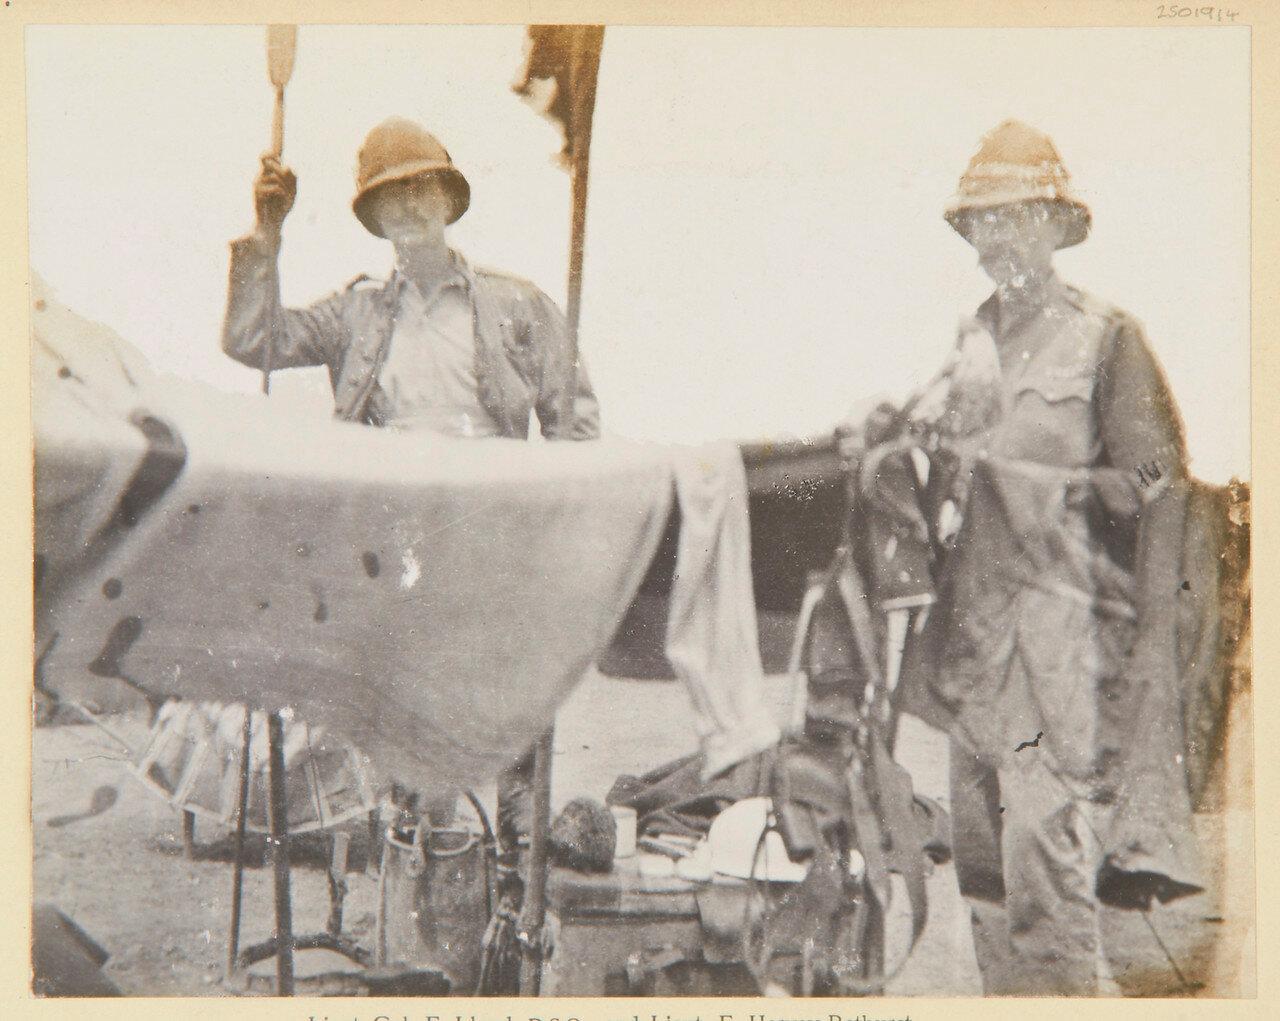 Подполковник Ф. Ллойд и лейтенант Ф. Херви-Батерст, гвадейский гренадерский полк